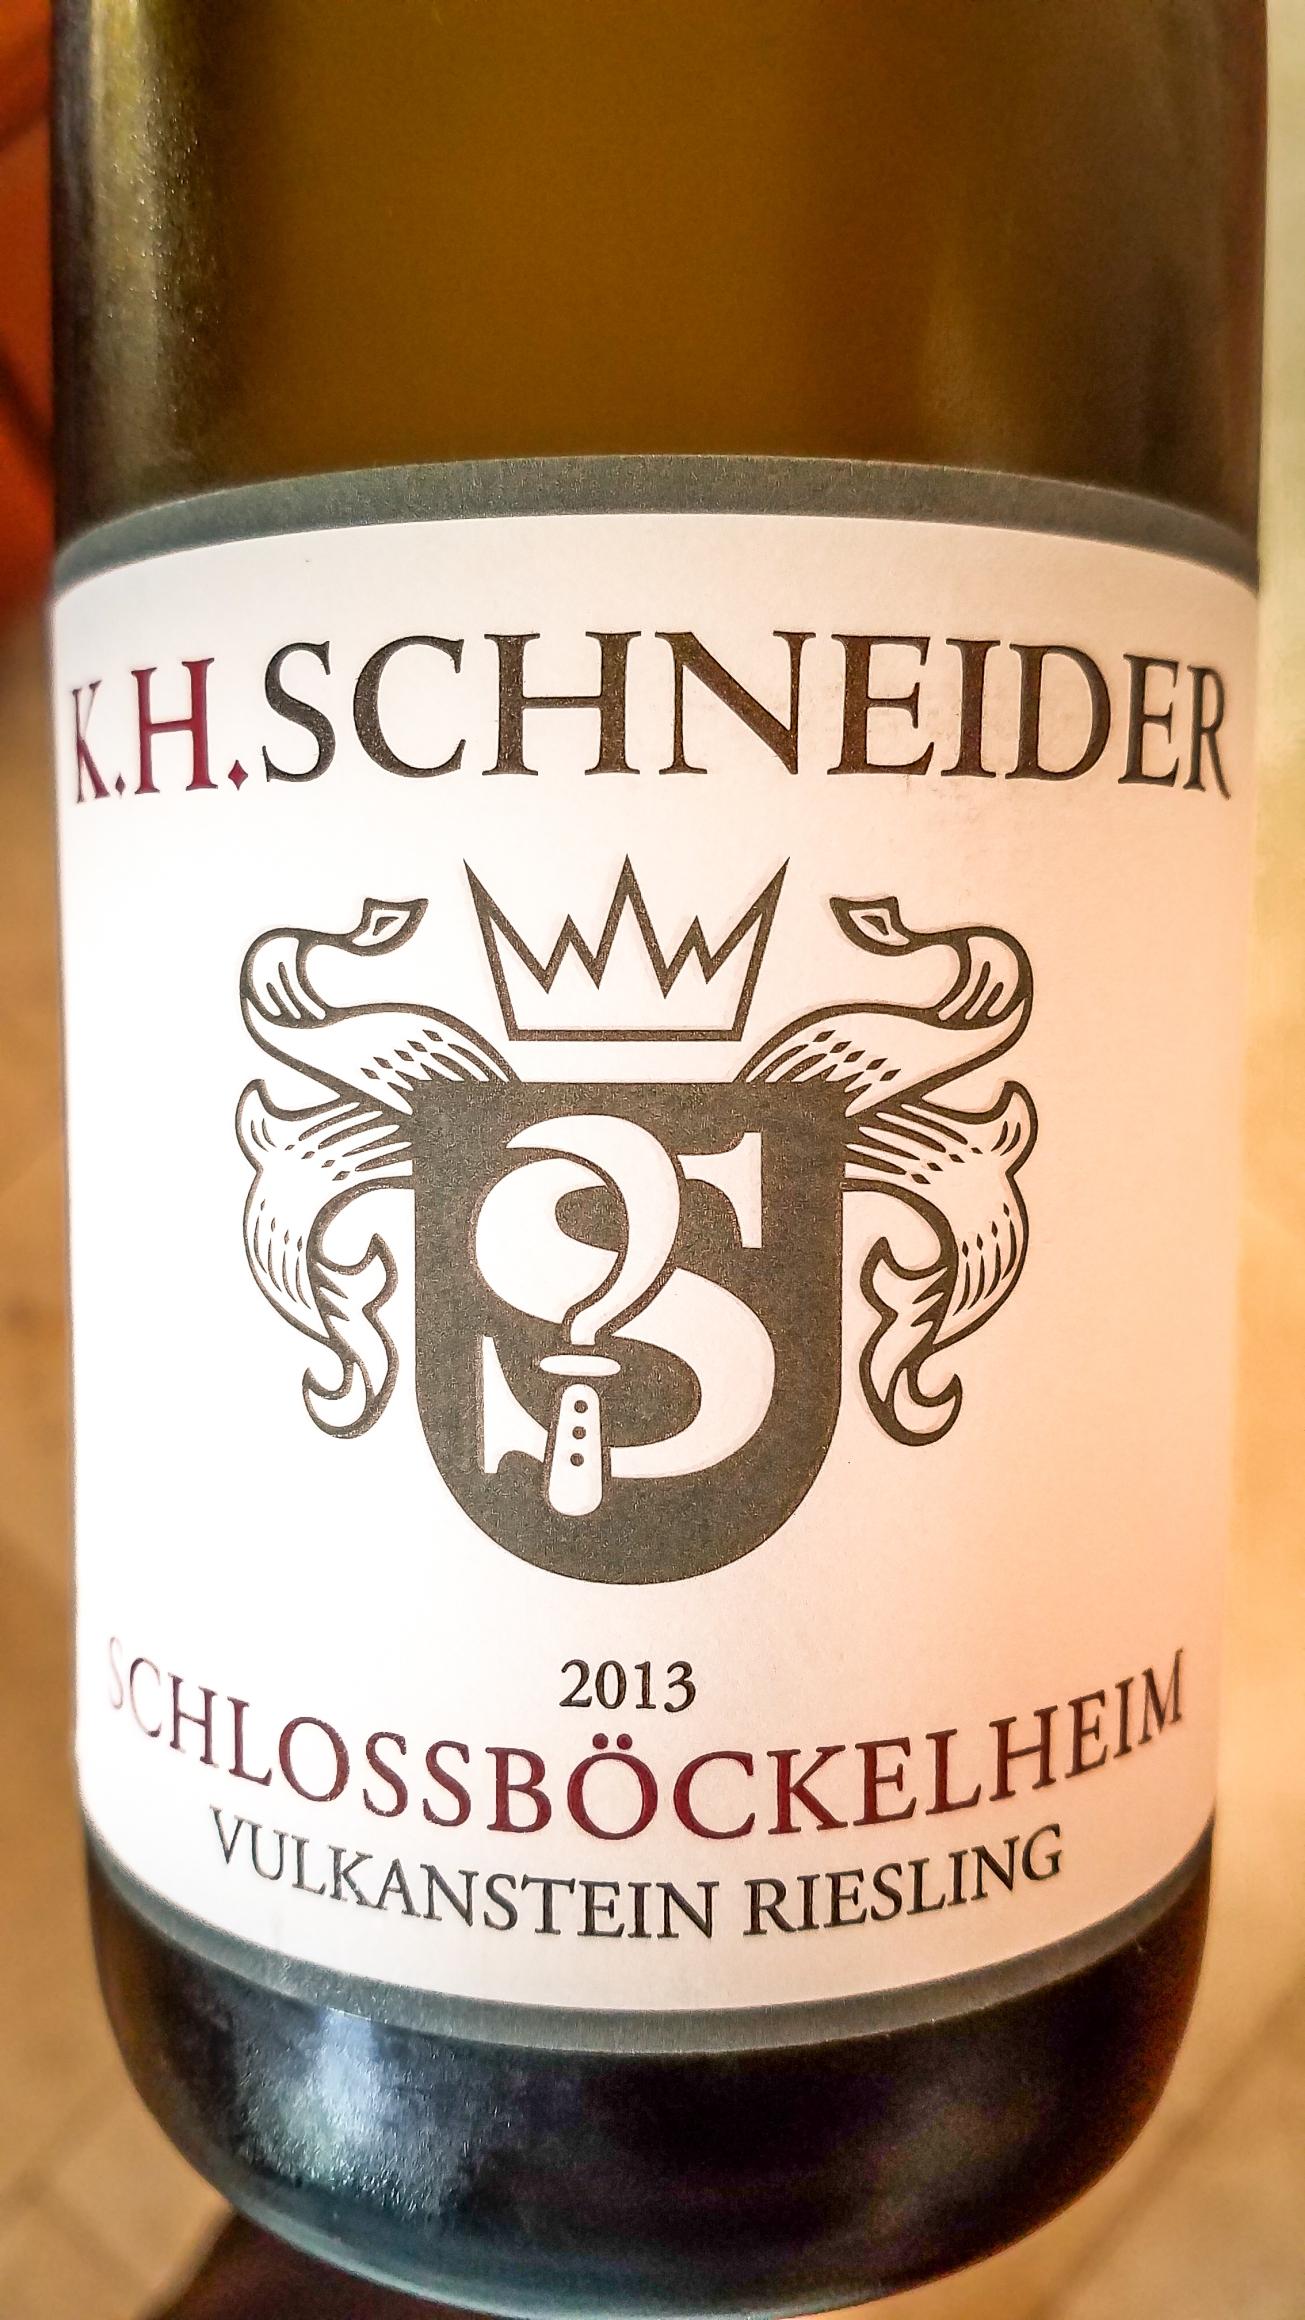 2013 Karlheinz Schneider Riesling Schlossböckelheim Vulkanstein